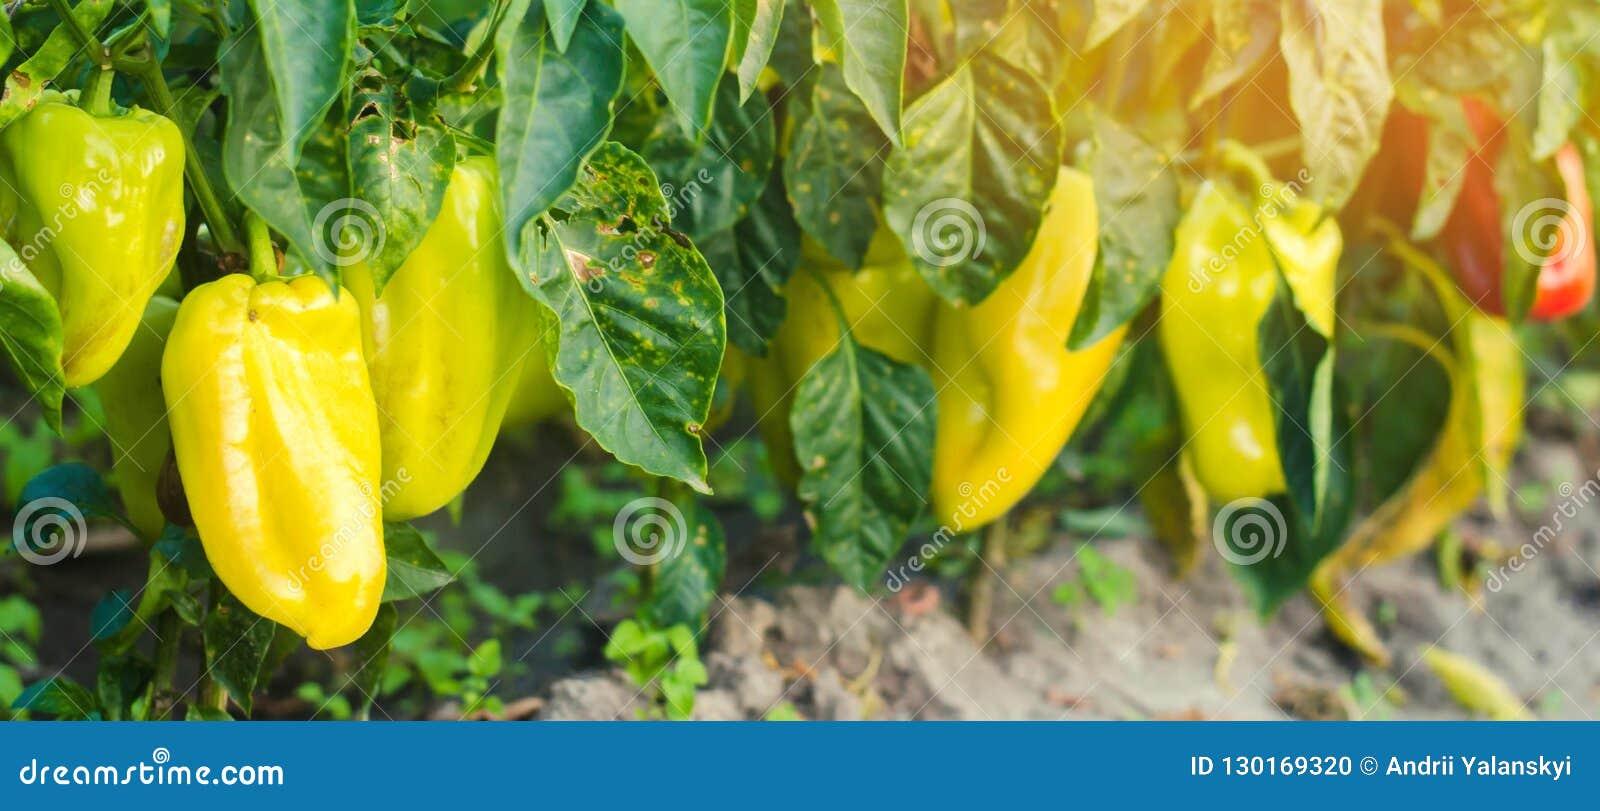 La maladie de poivre est provoquée par le virus de phytophthora infestans Agriculture, cultivant, cultures la maladie des légumes